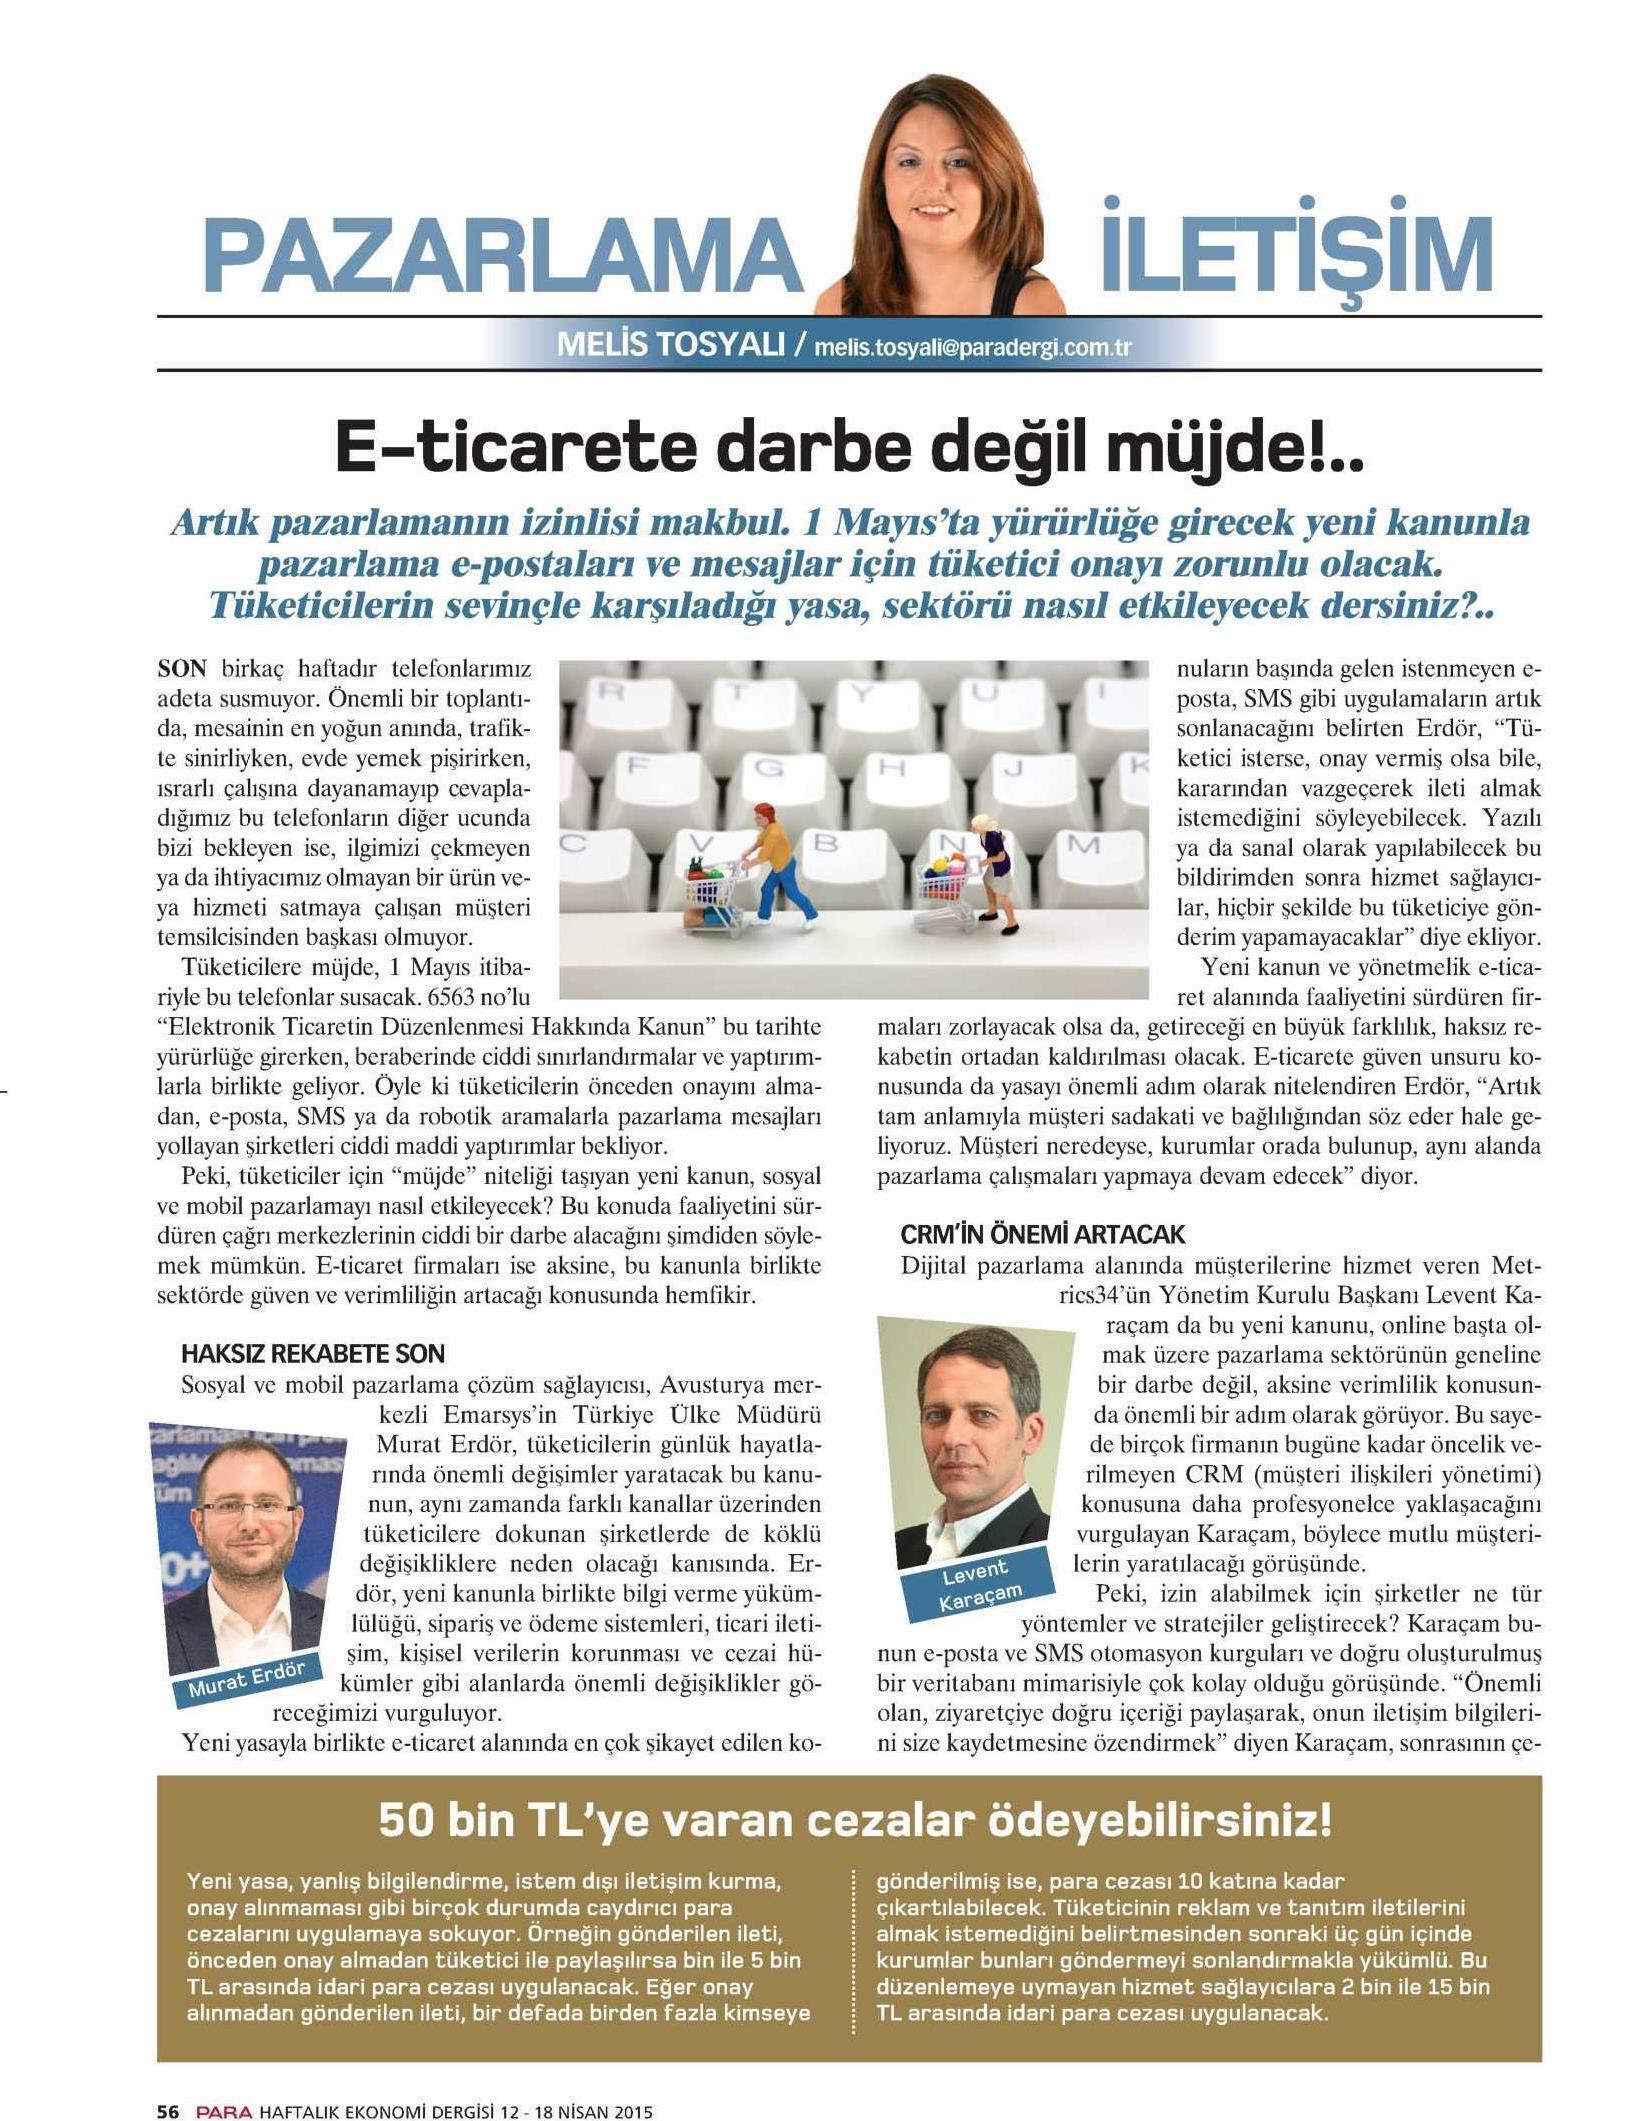 54 - Para Dergisi_muraterdor.com_12.4.2015